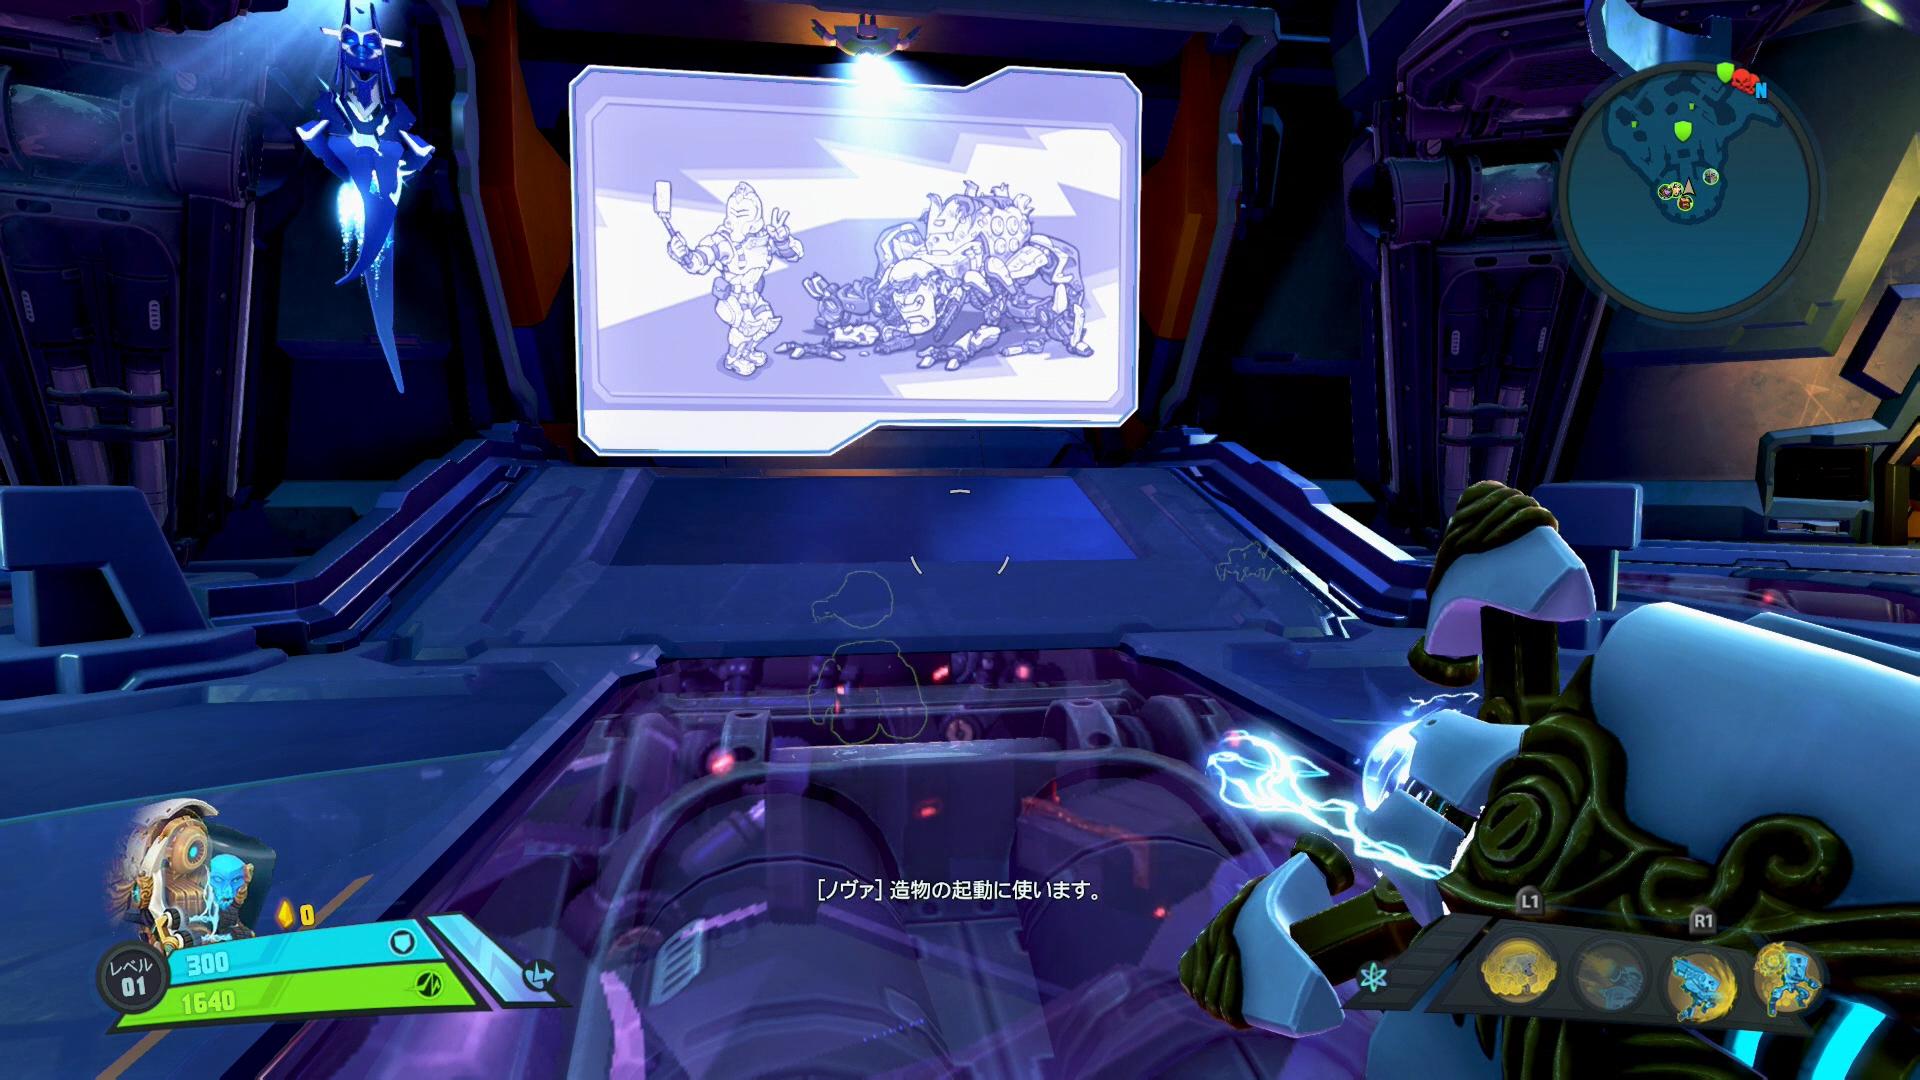 試合が始まる前の待機ルームでは、開始前にアニメでルールが説明される。コミカルな作りでルールがわかりやすく解説される